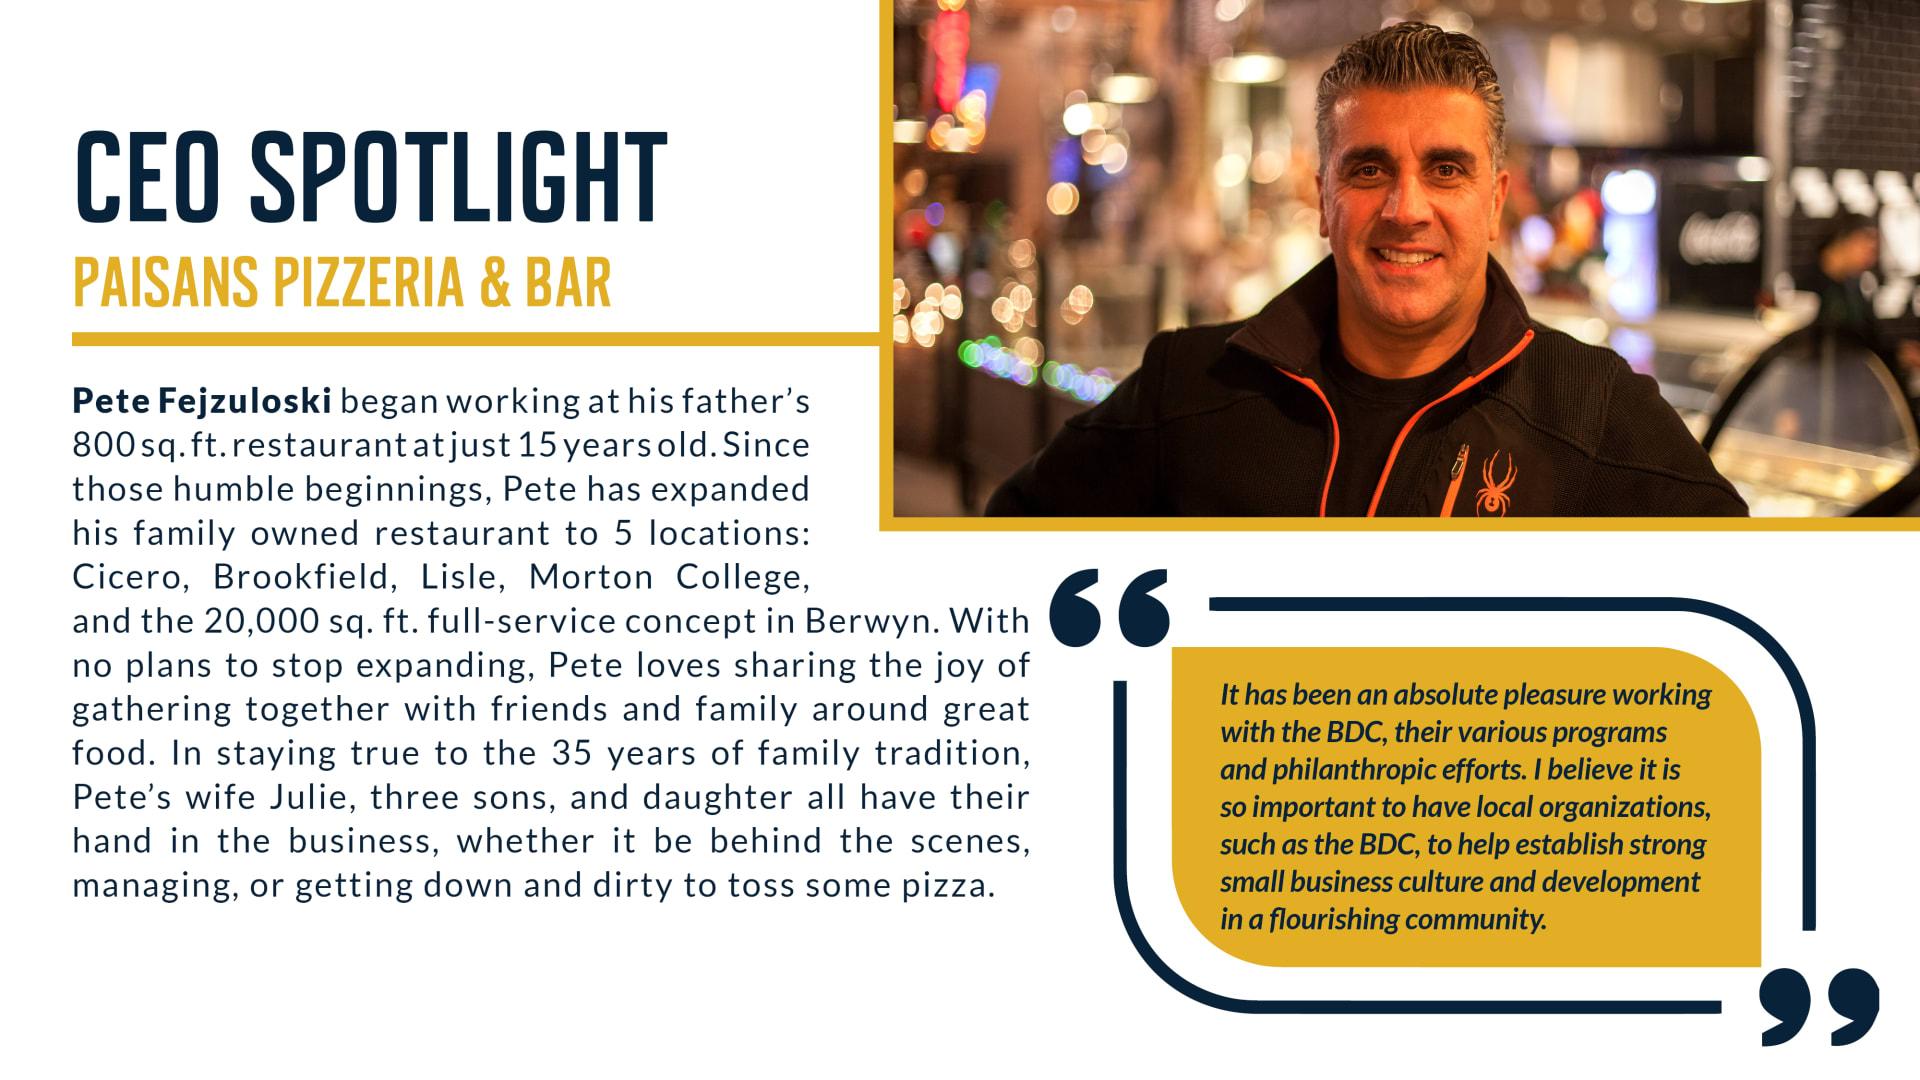 CEO-Spotlights-3-w1920.jpg